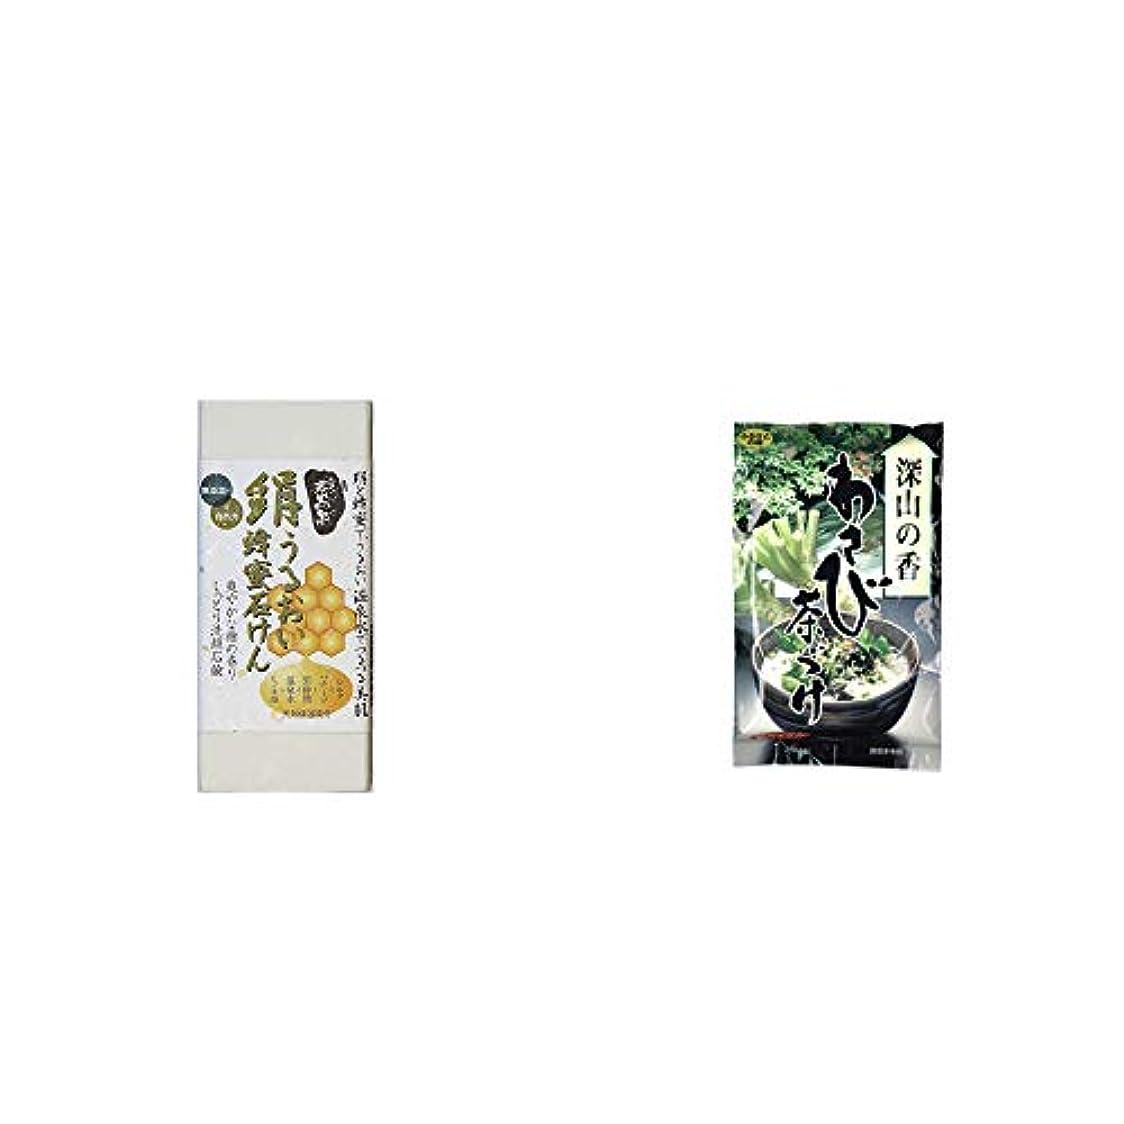 イチゴハロウィン持っている[2点セット] ひのき炭黒泉 絹うるおい蜂蜜石けん(75g×2)?特選茶漬け 深山の香 わさび茶づけ(10袋入)